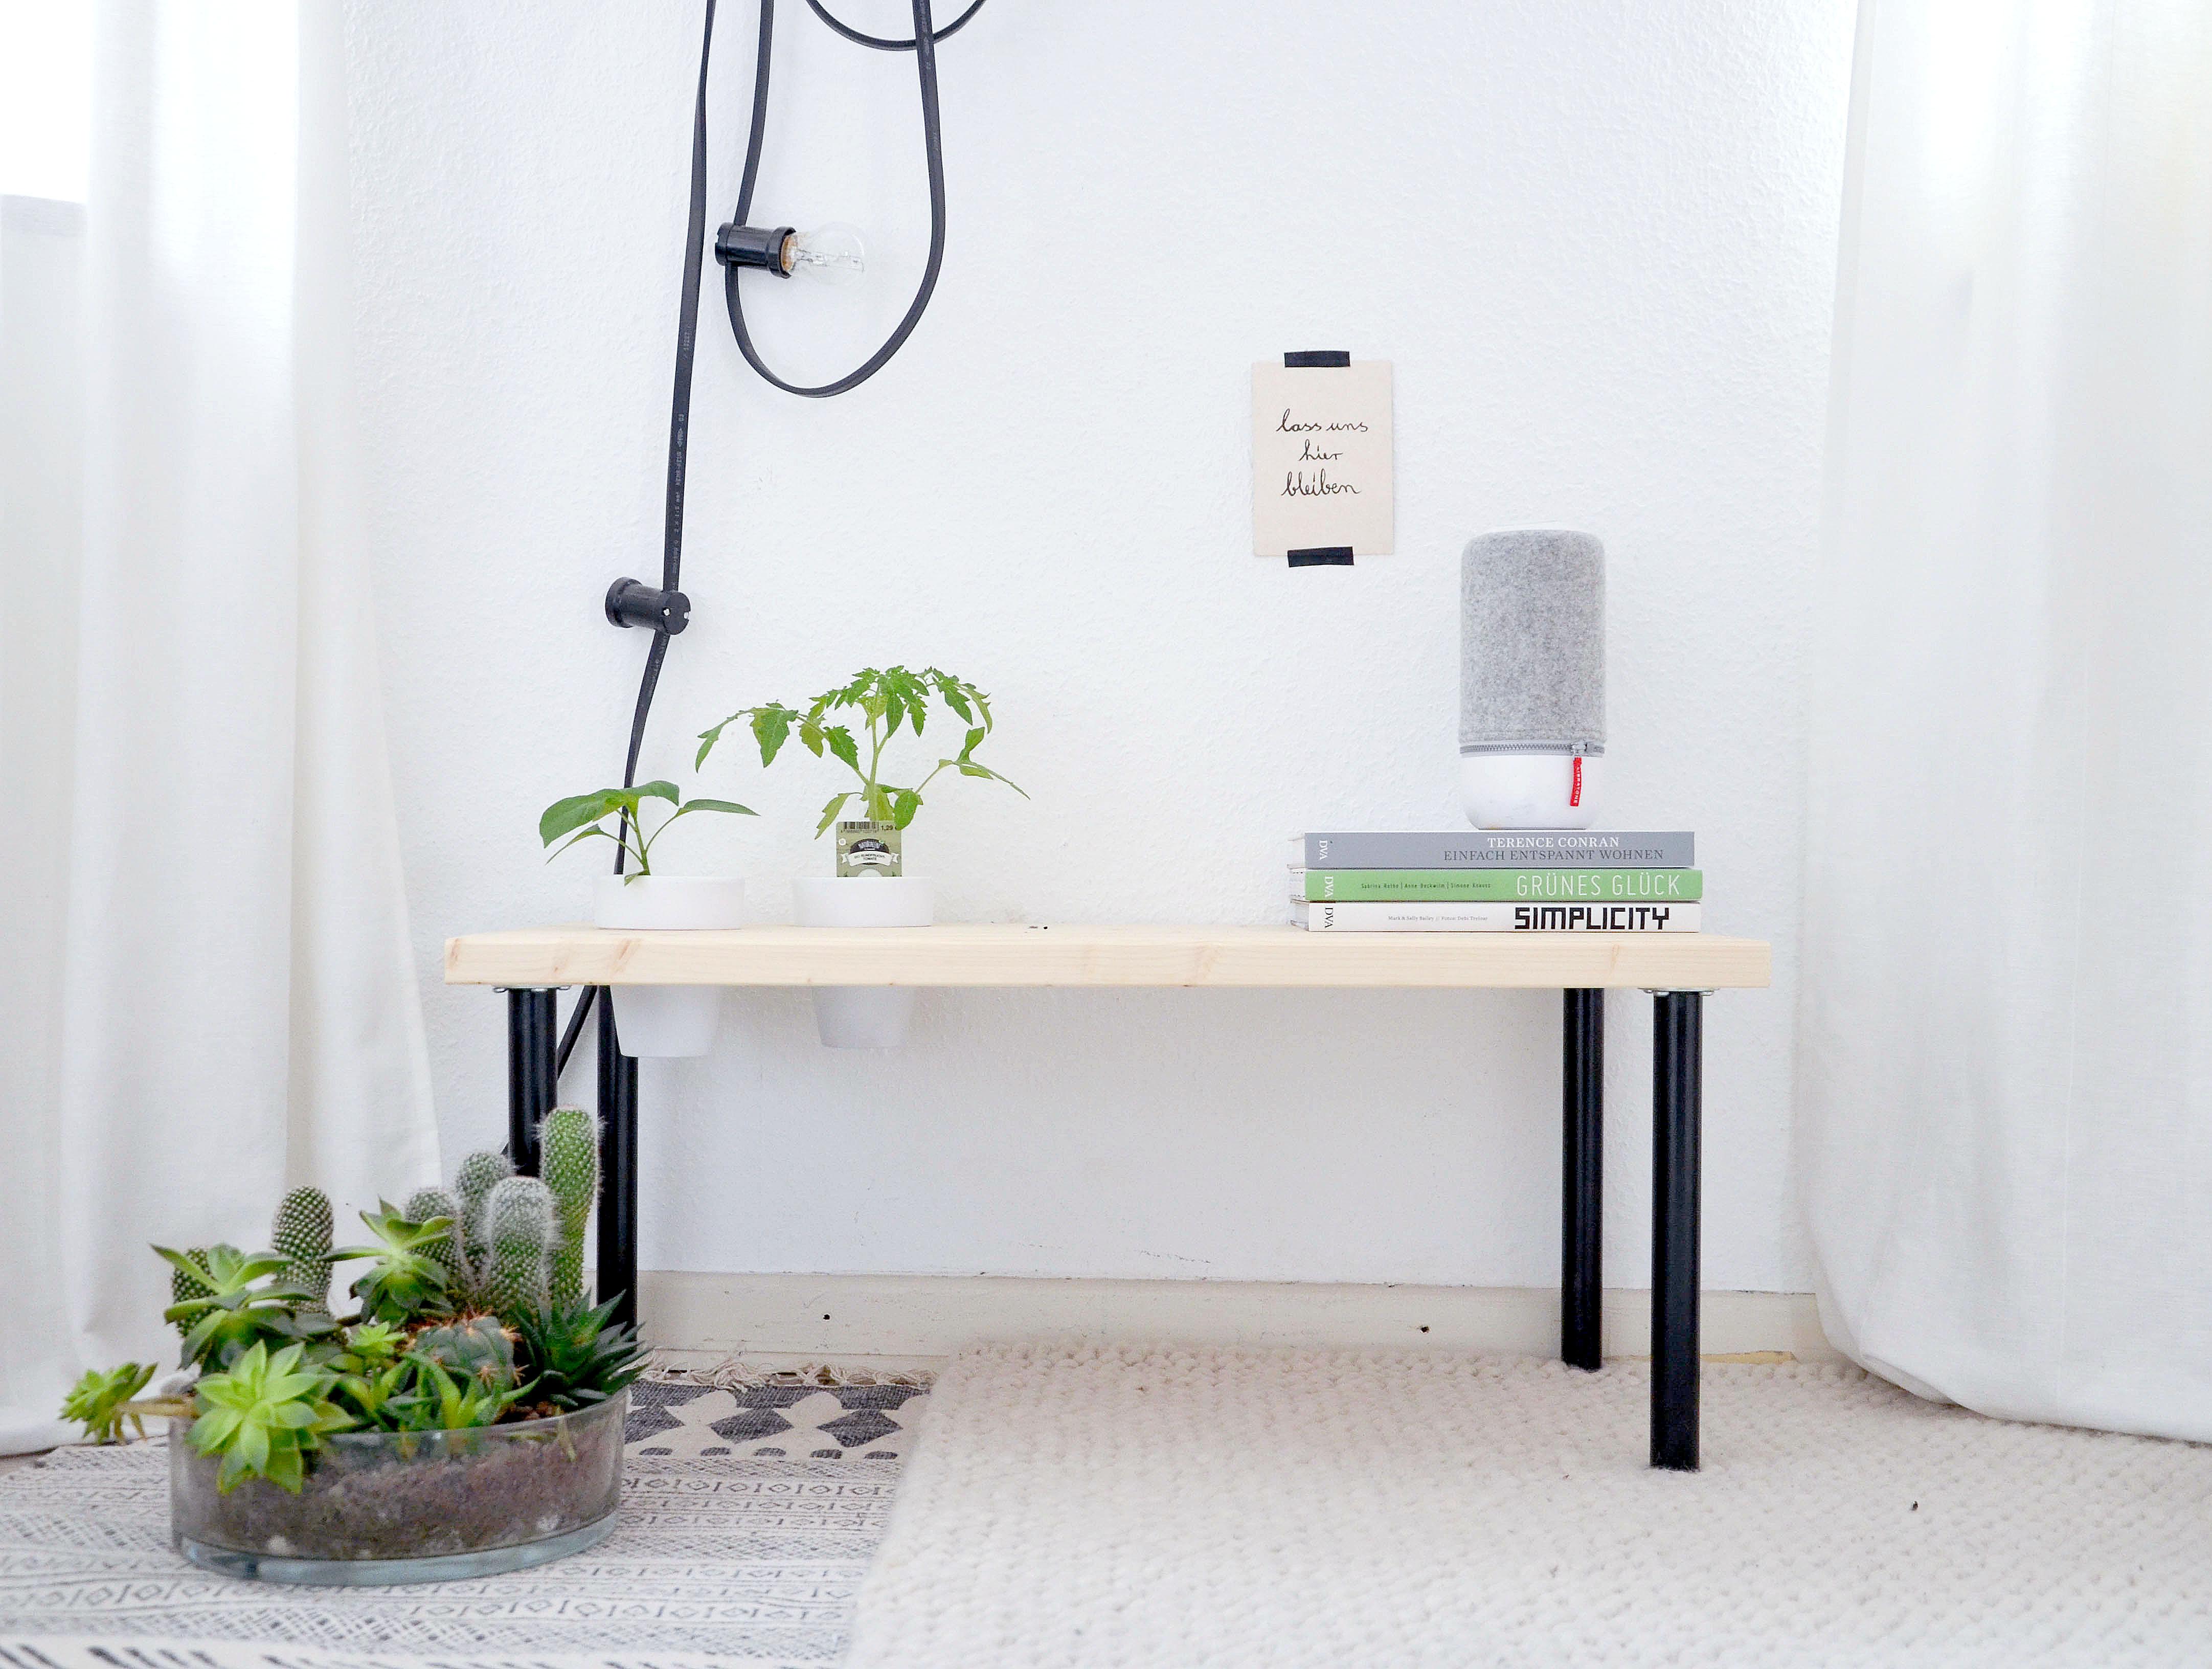 kohlefilter dunstabzugshaube toom dunstabzugshaube toom plus of unterbau dunstabzugshaube toom. Black Bedroom Furniture Sets. Home Design Ideas